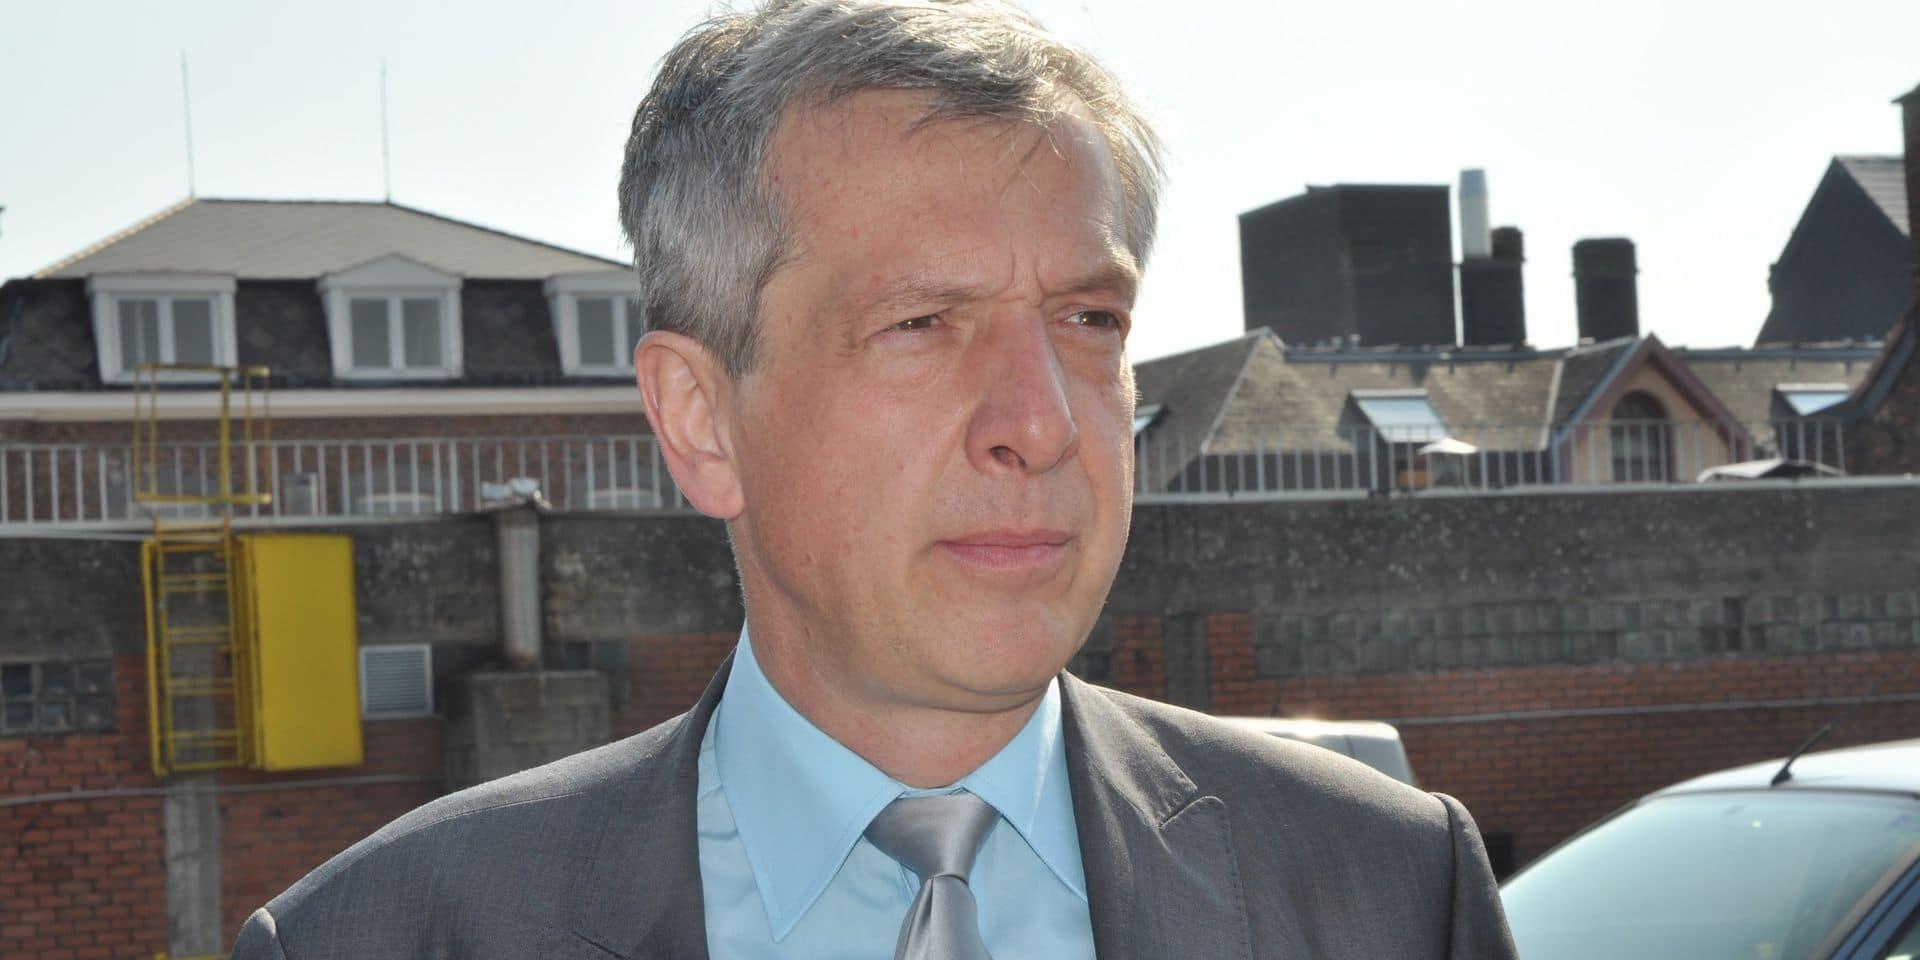 Insultes au bourgmestre de Nivelles: le procureur demande le renvoi de l'affaire en correctionnelle